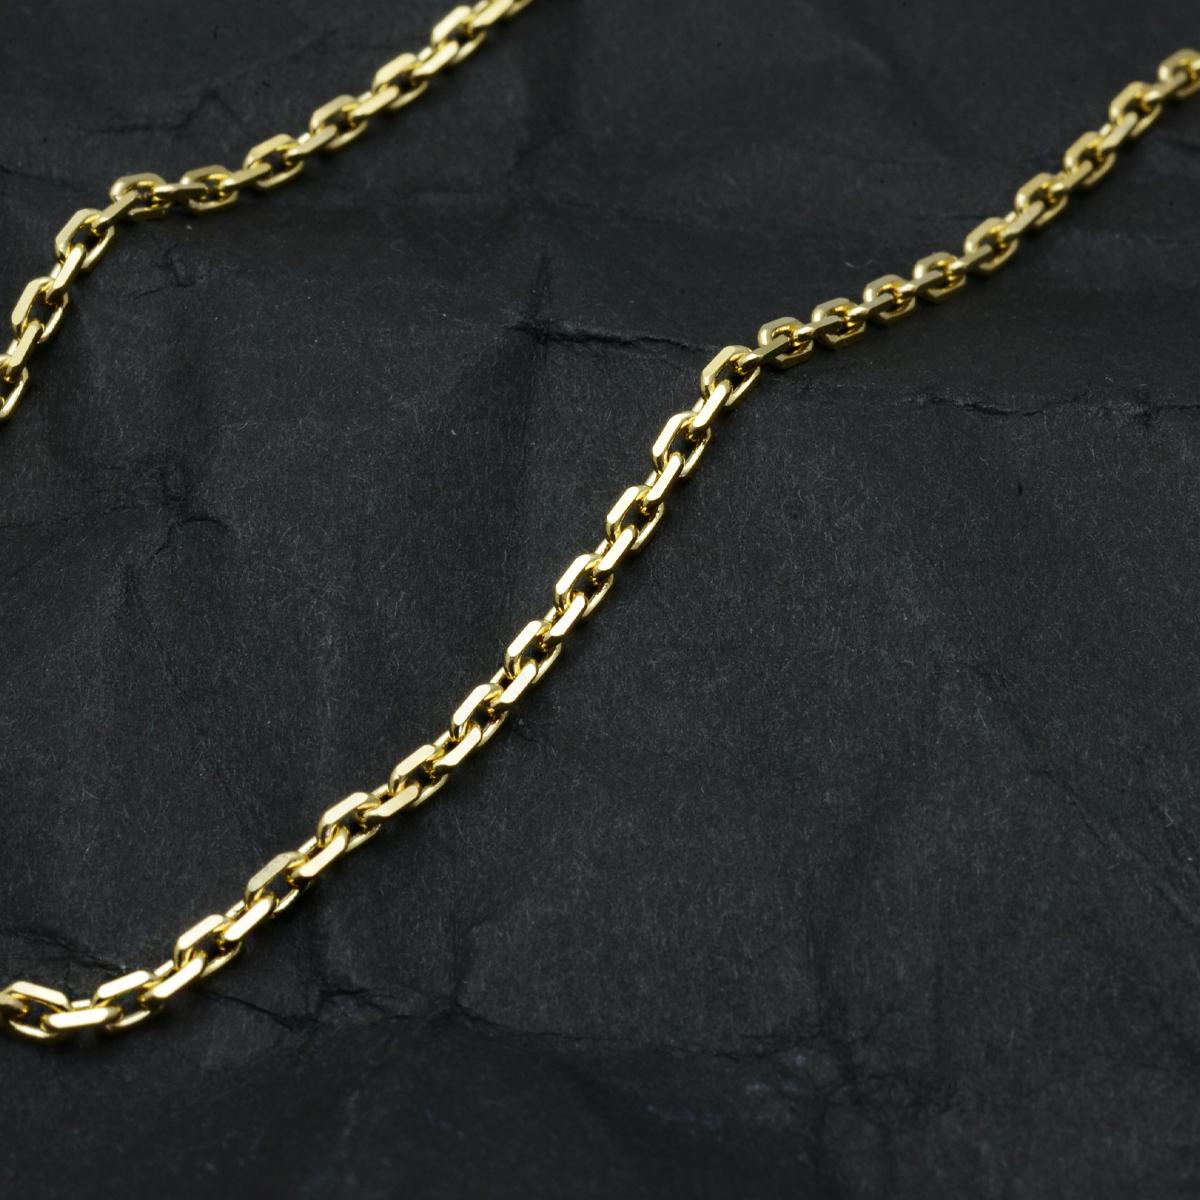 4/2新発売 k18ネックレス K18 イエローゴールド メンズ 男性 カットアズキチェーン 幅1.5mm チェーン 60cm/ プレゼント ギフト gold necklace ach1660c60